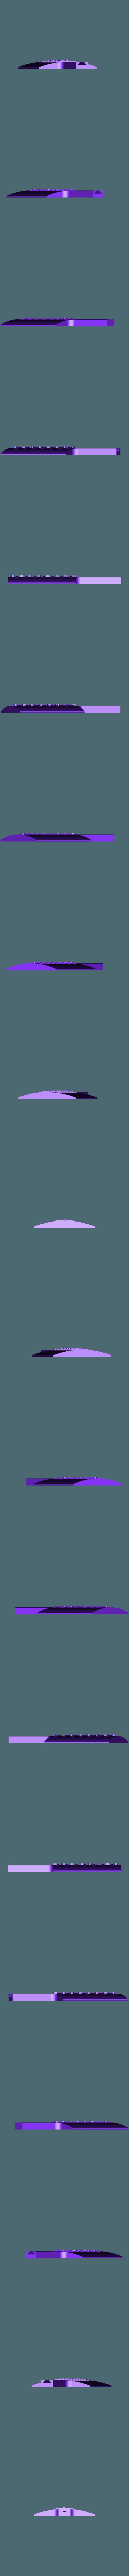 BoatOrrV2.stl Télécharger fichier STL gratuit Bateau à pagaies • Objet à imprimer en 3D, Pwentey